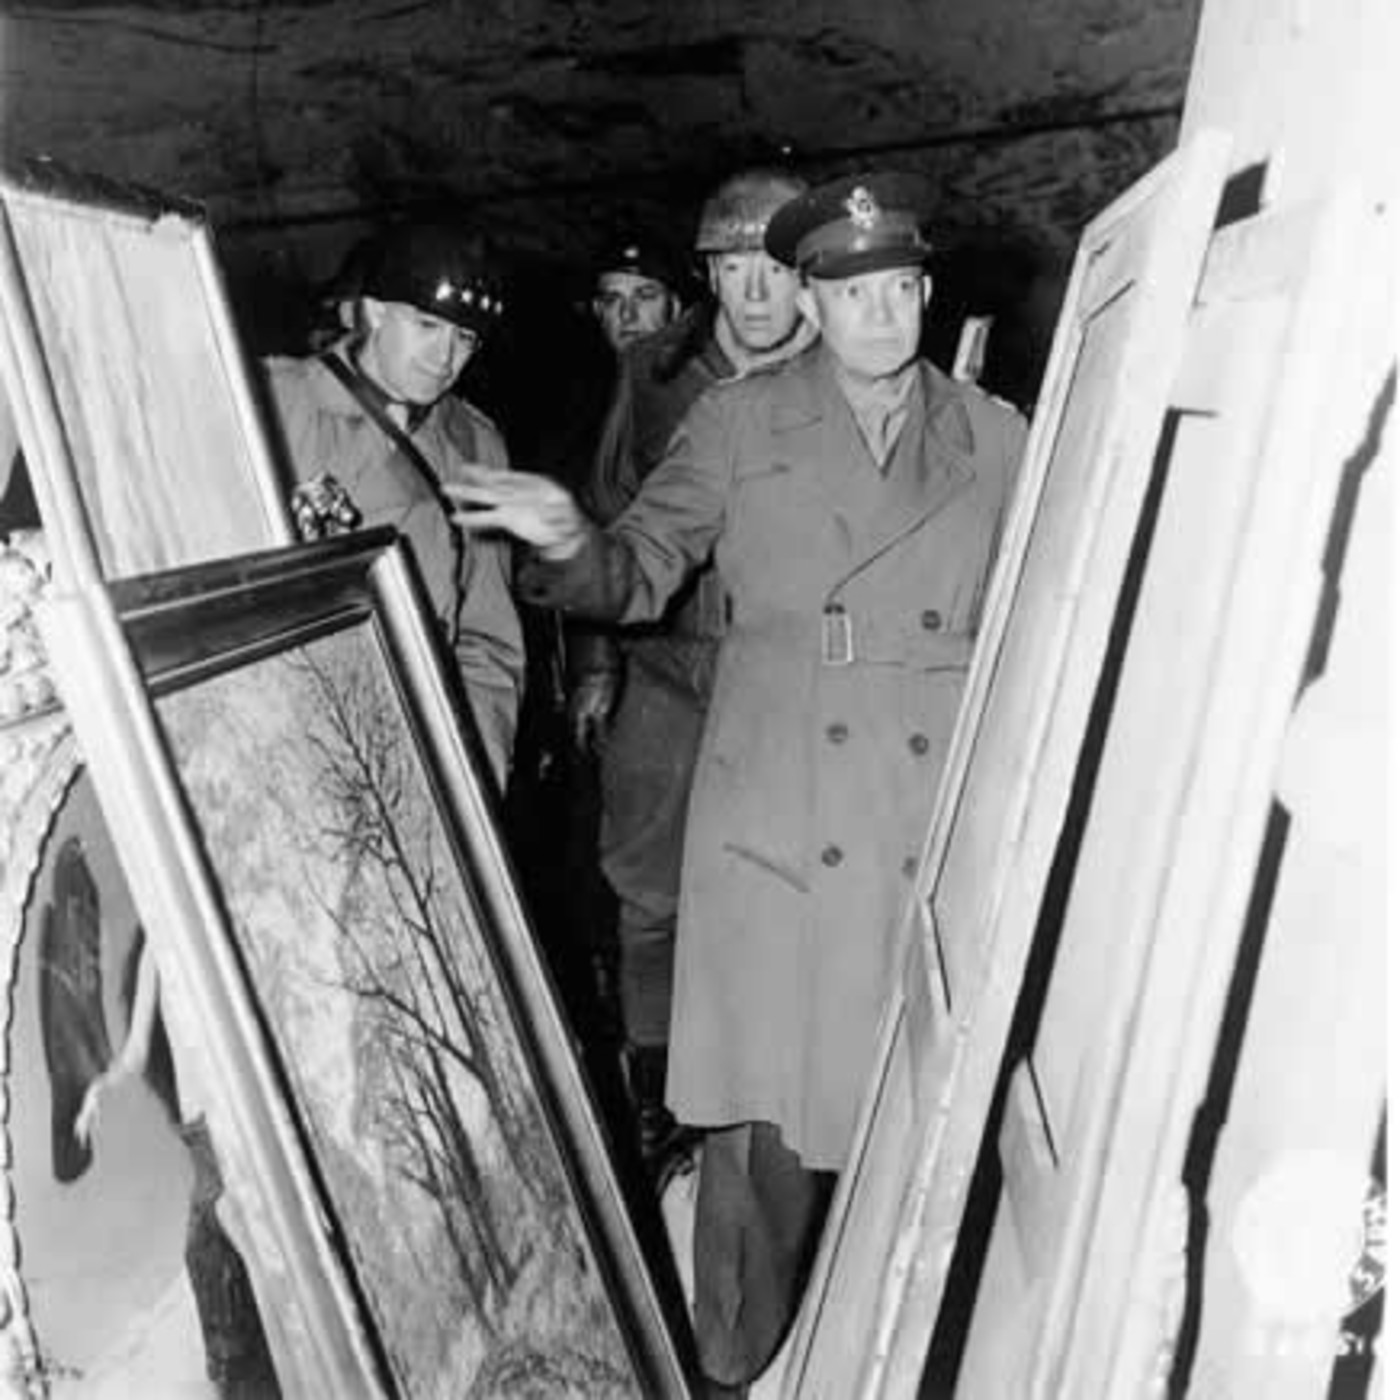 Anécdotas de la Segunda Guerra Mundial en La Noche de Adolfo Arjona: El expolio de las obras de arte